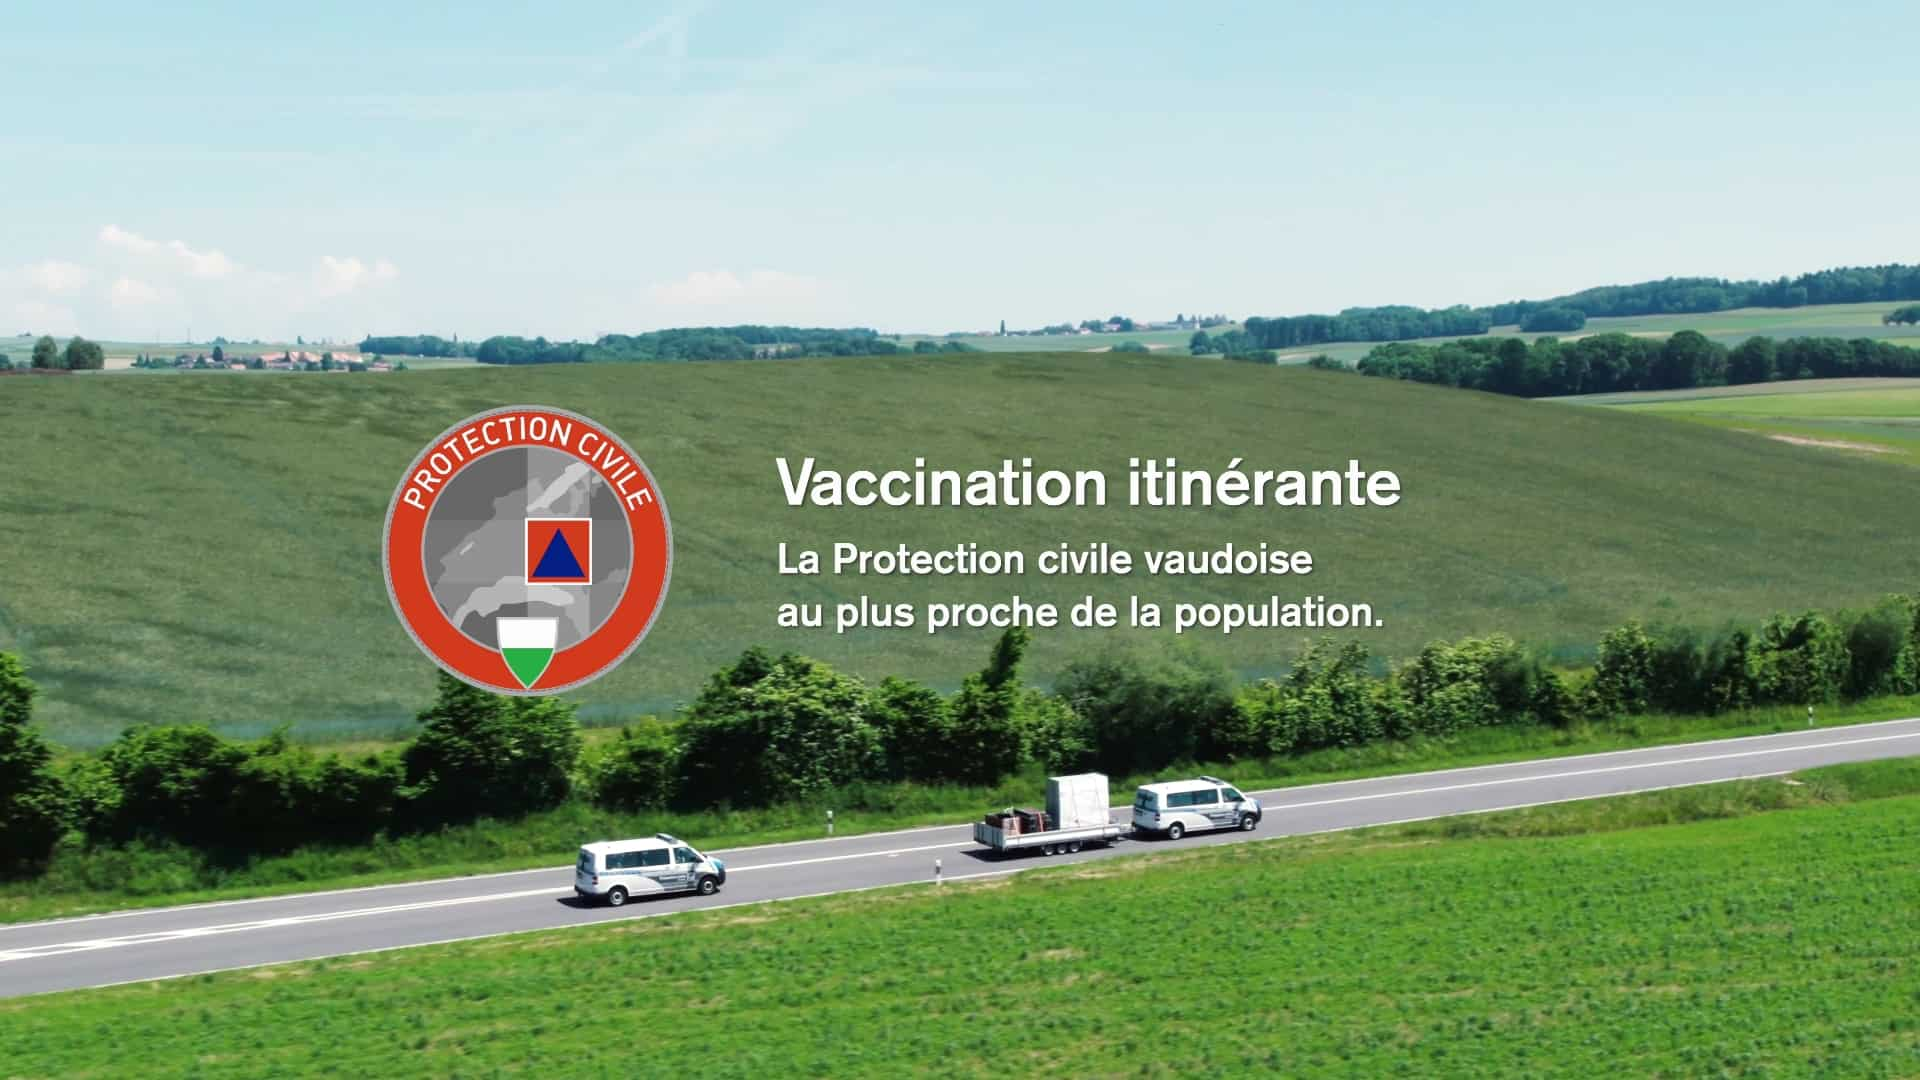 Vaccination itinérante : La Protection civile vaudoise au plus proche de la population